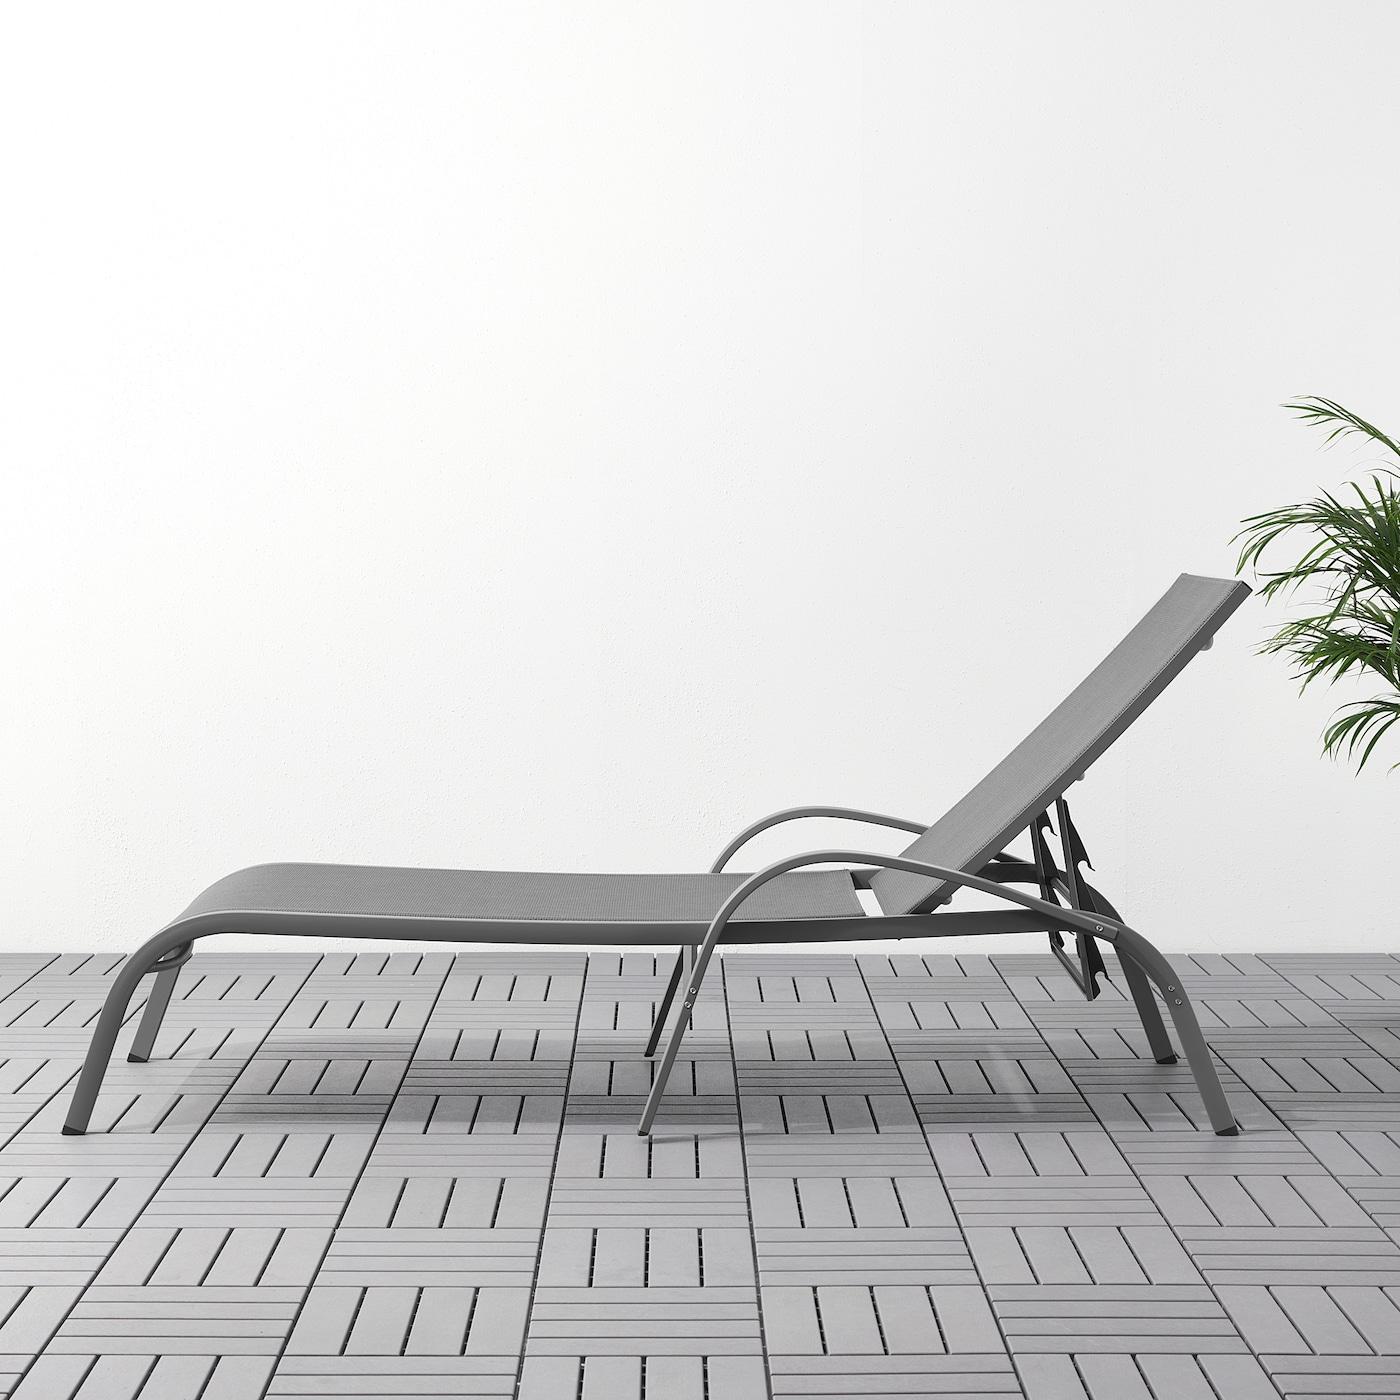 Full Size of Torholmen Sonnenliege Grau Ikea Sterreich Betten 160x200 Sofa Mit Schlaffunktion Küche Kosten Miniküche Bei Kaufen Modulküche Wohnzimmer Sonnenliege Ikea